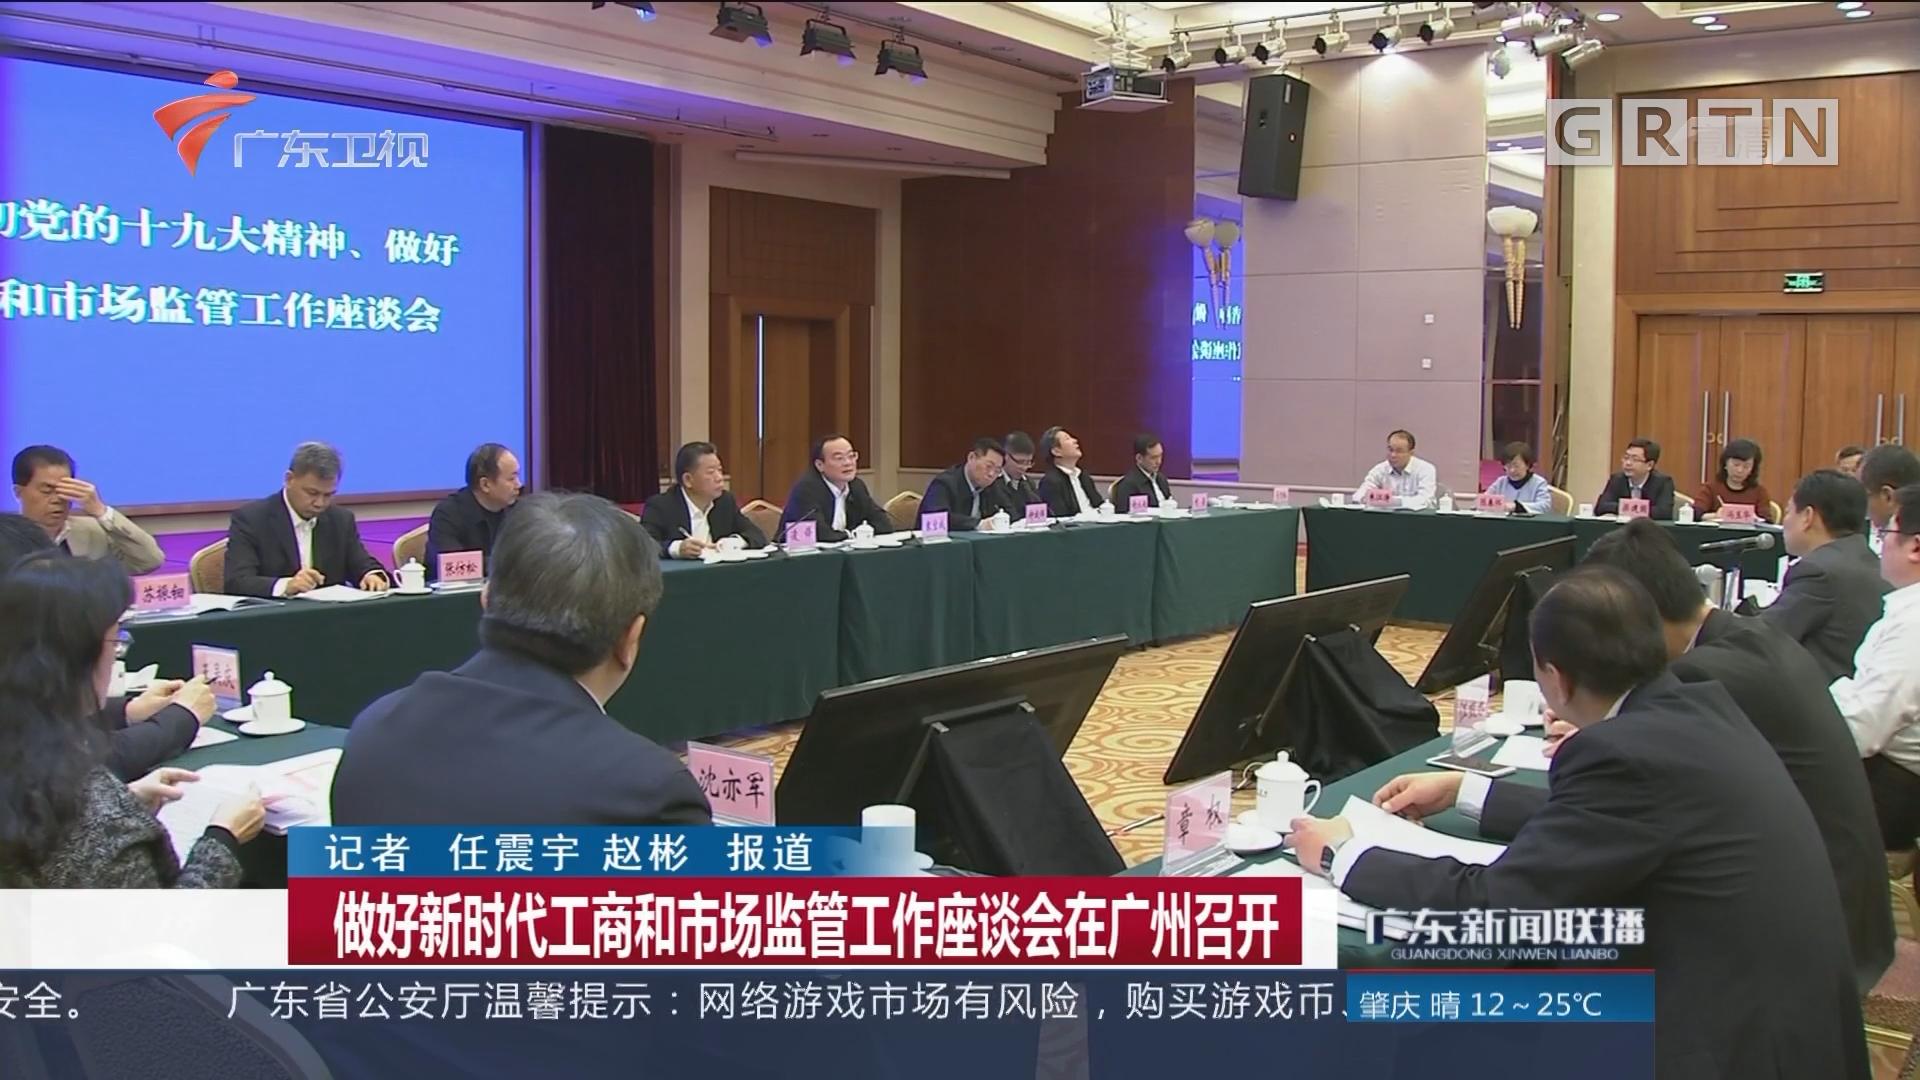 做好新时代工商和市场监管工作座谈会在广州召开